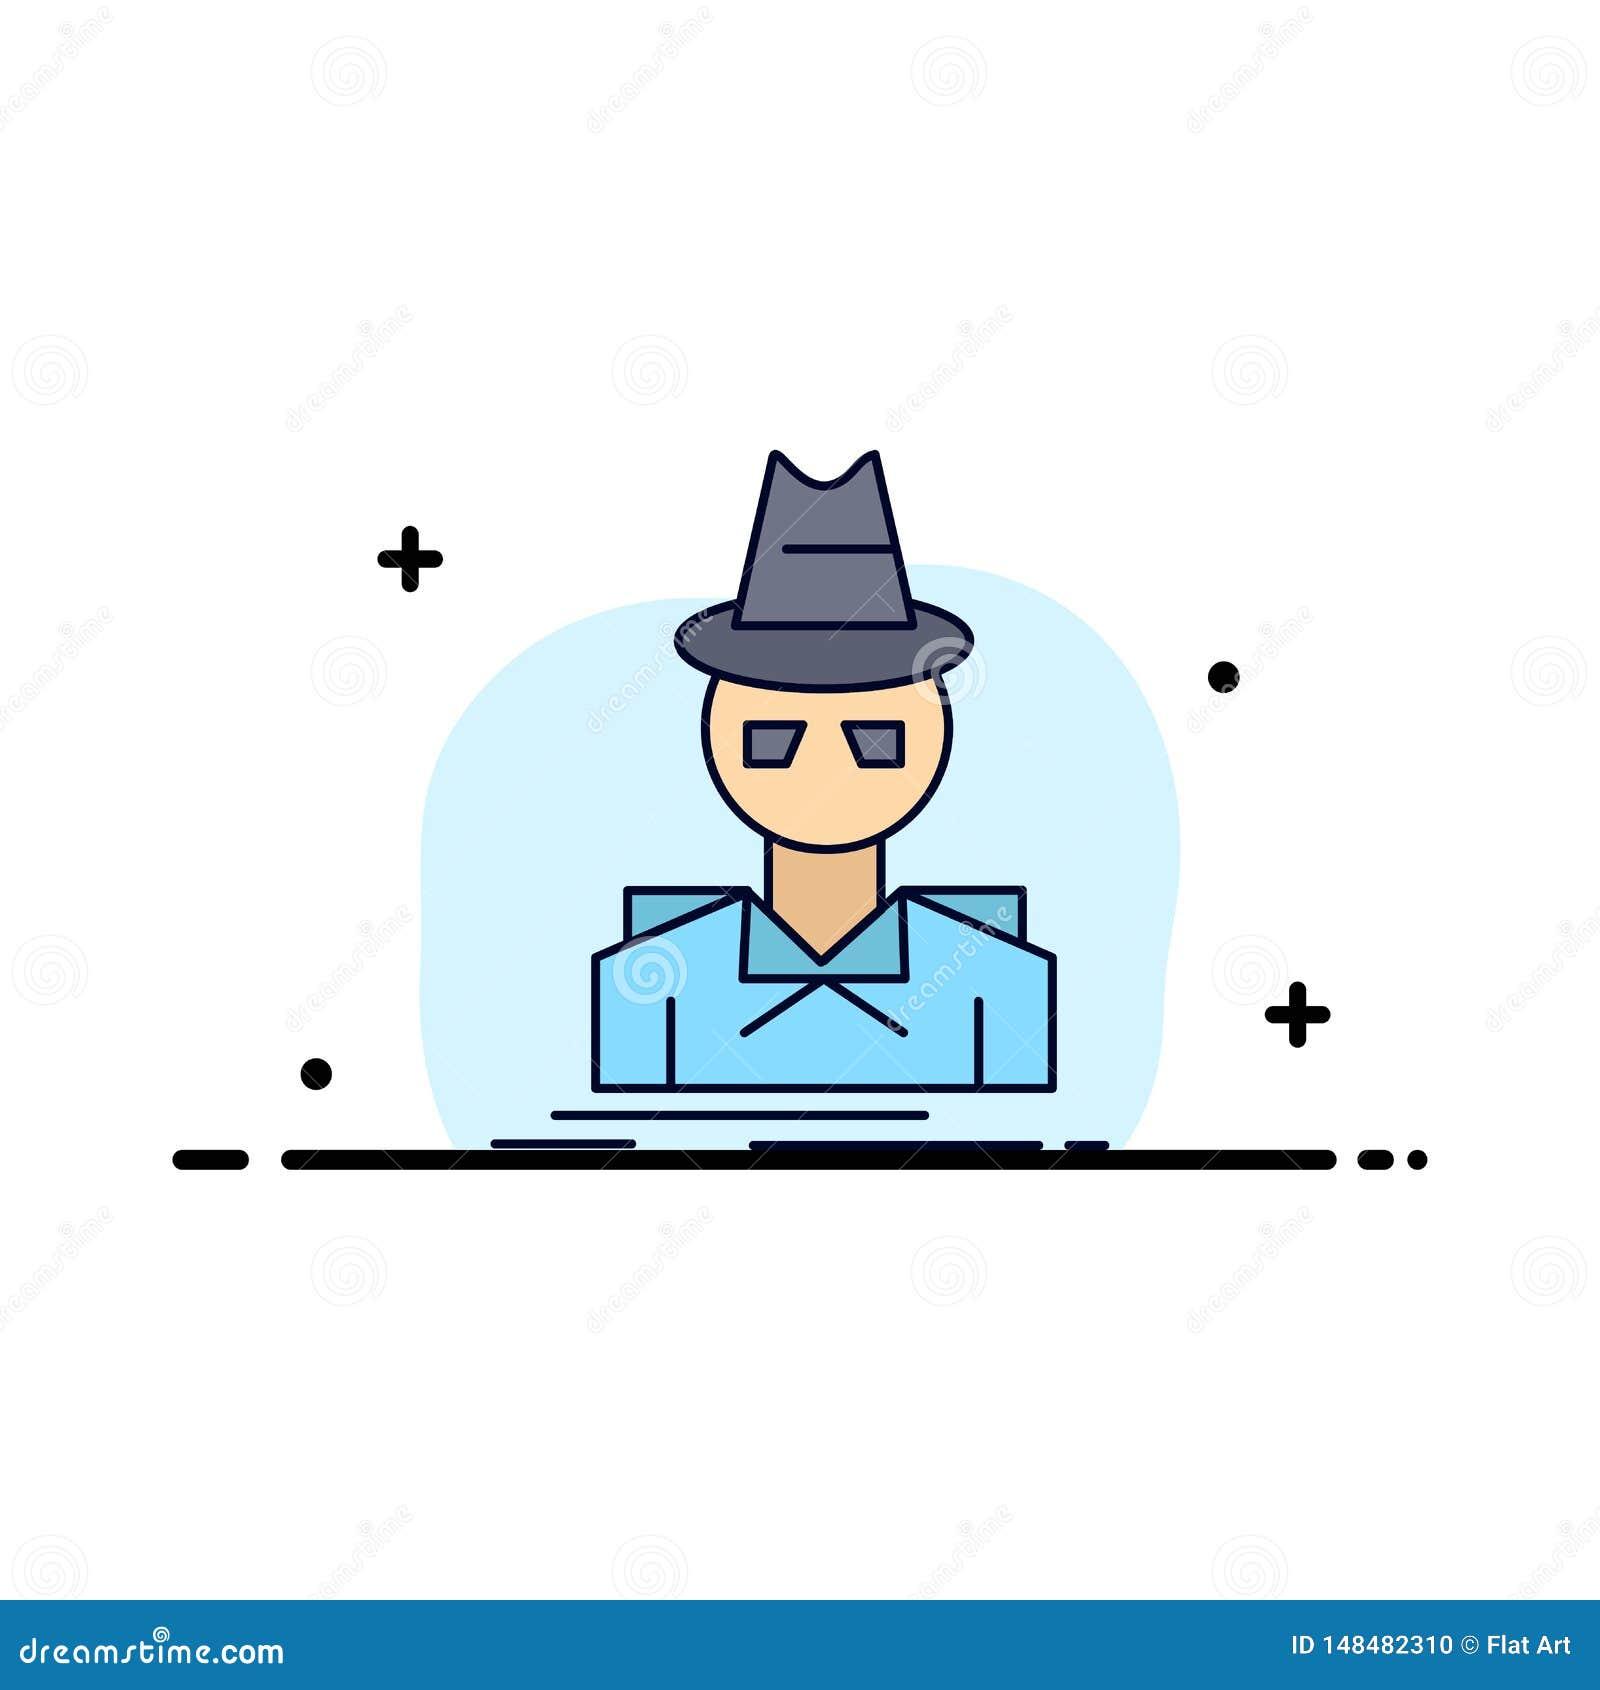 Ιδιωτικός αστυνομικός, χάκερ, ινκόγκνιτο, κατάσκοπος, επίπεδο διάνυσμα εικονιδίων χρώματος κλεφτών